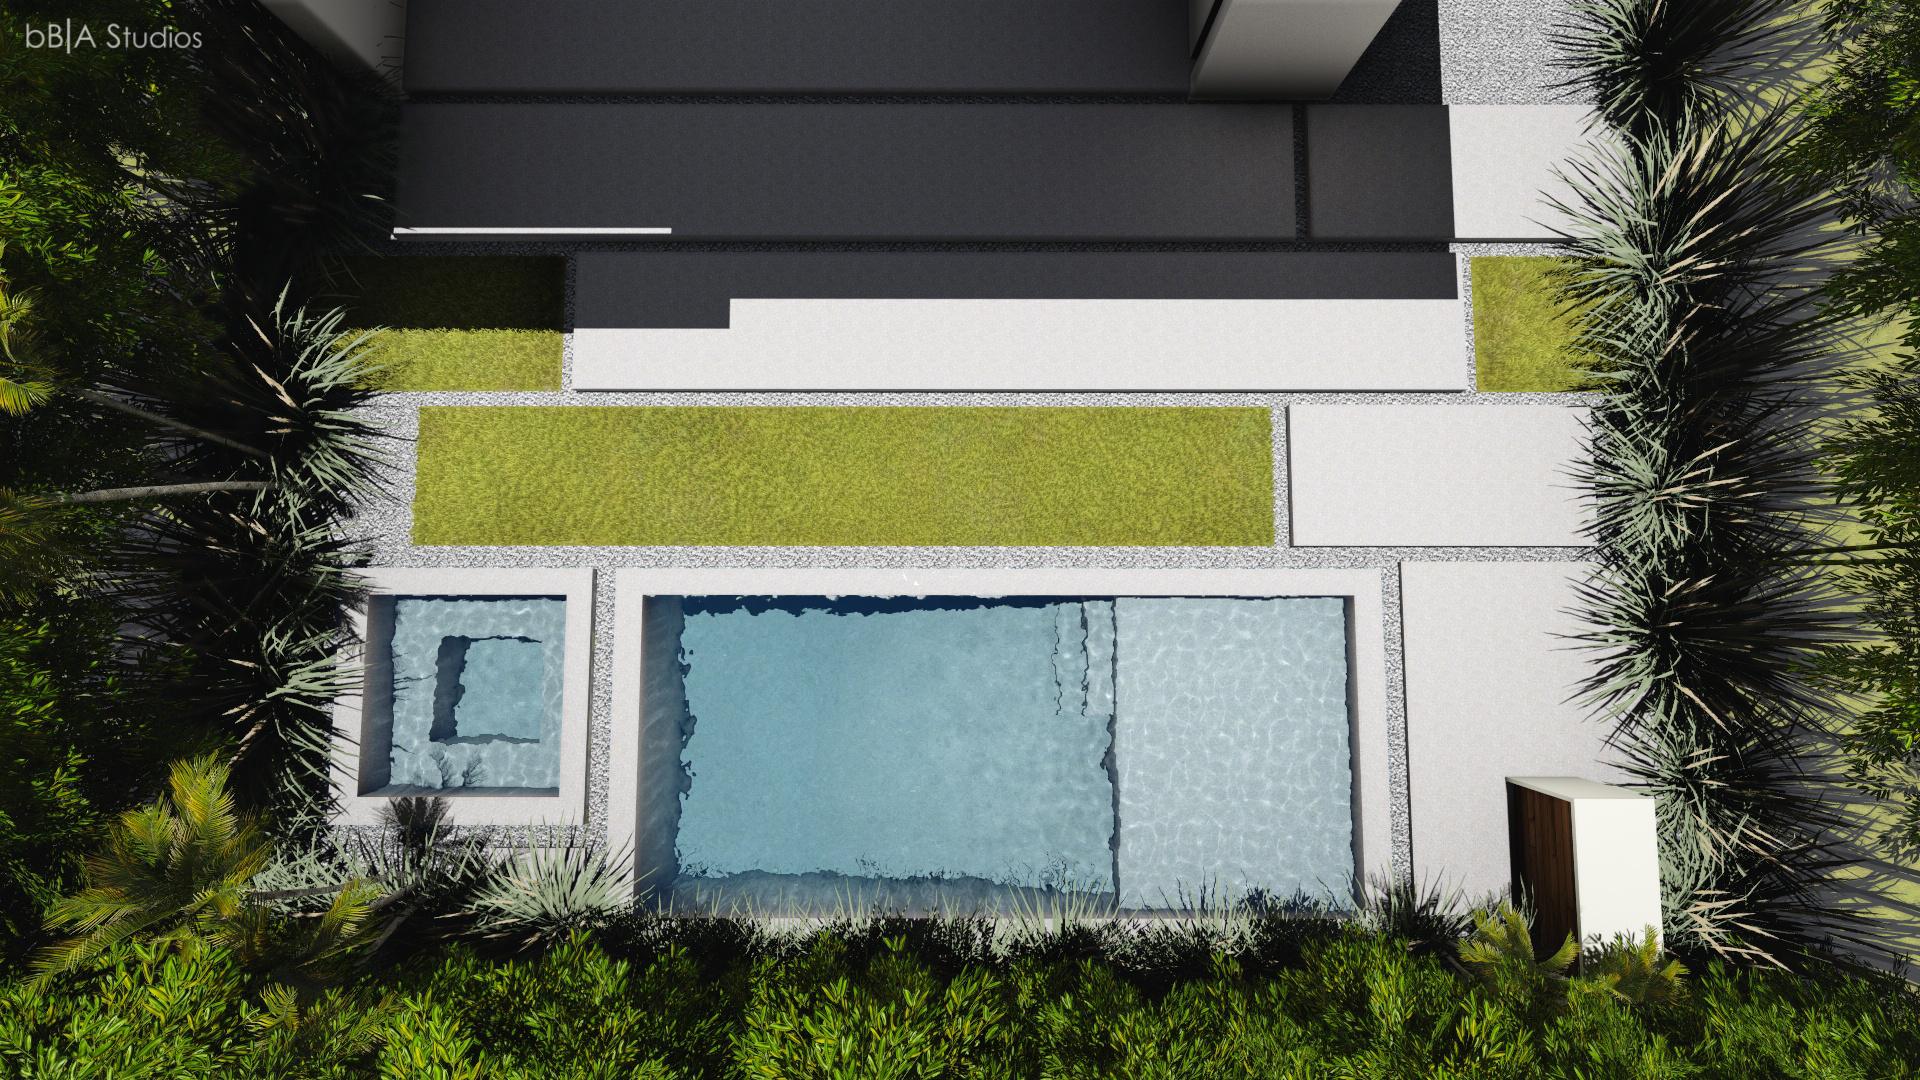 Top view of rear yard rendering